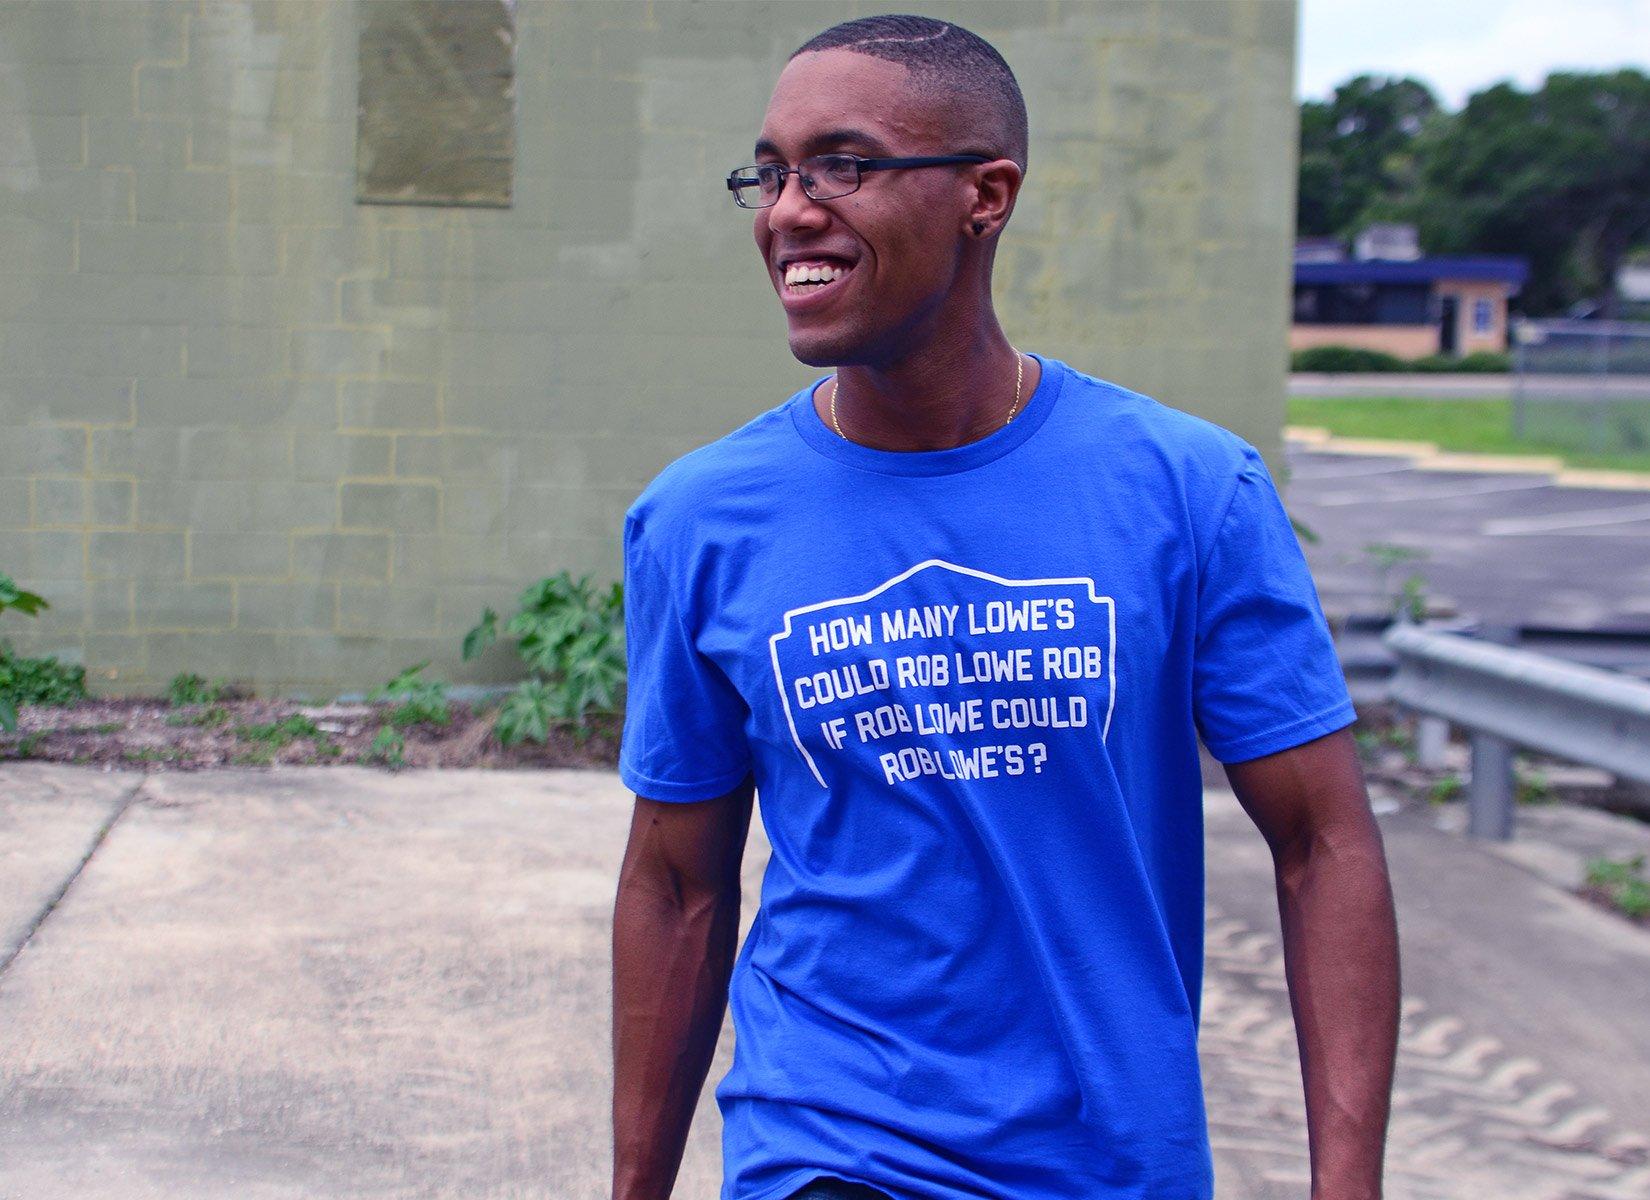 Rob Lowe Rob on Mens T-Shirt